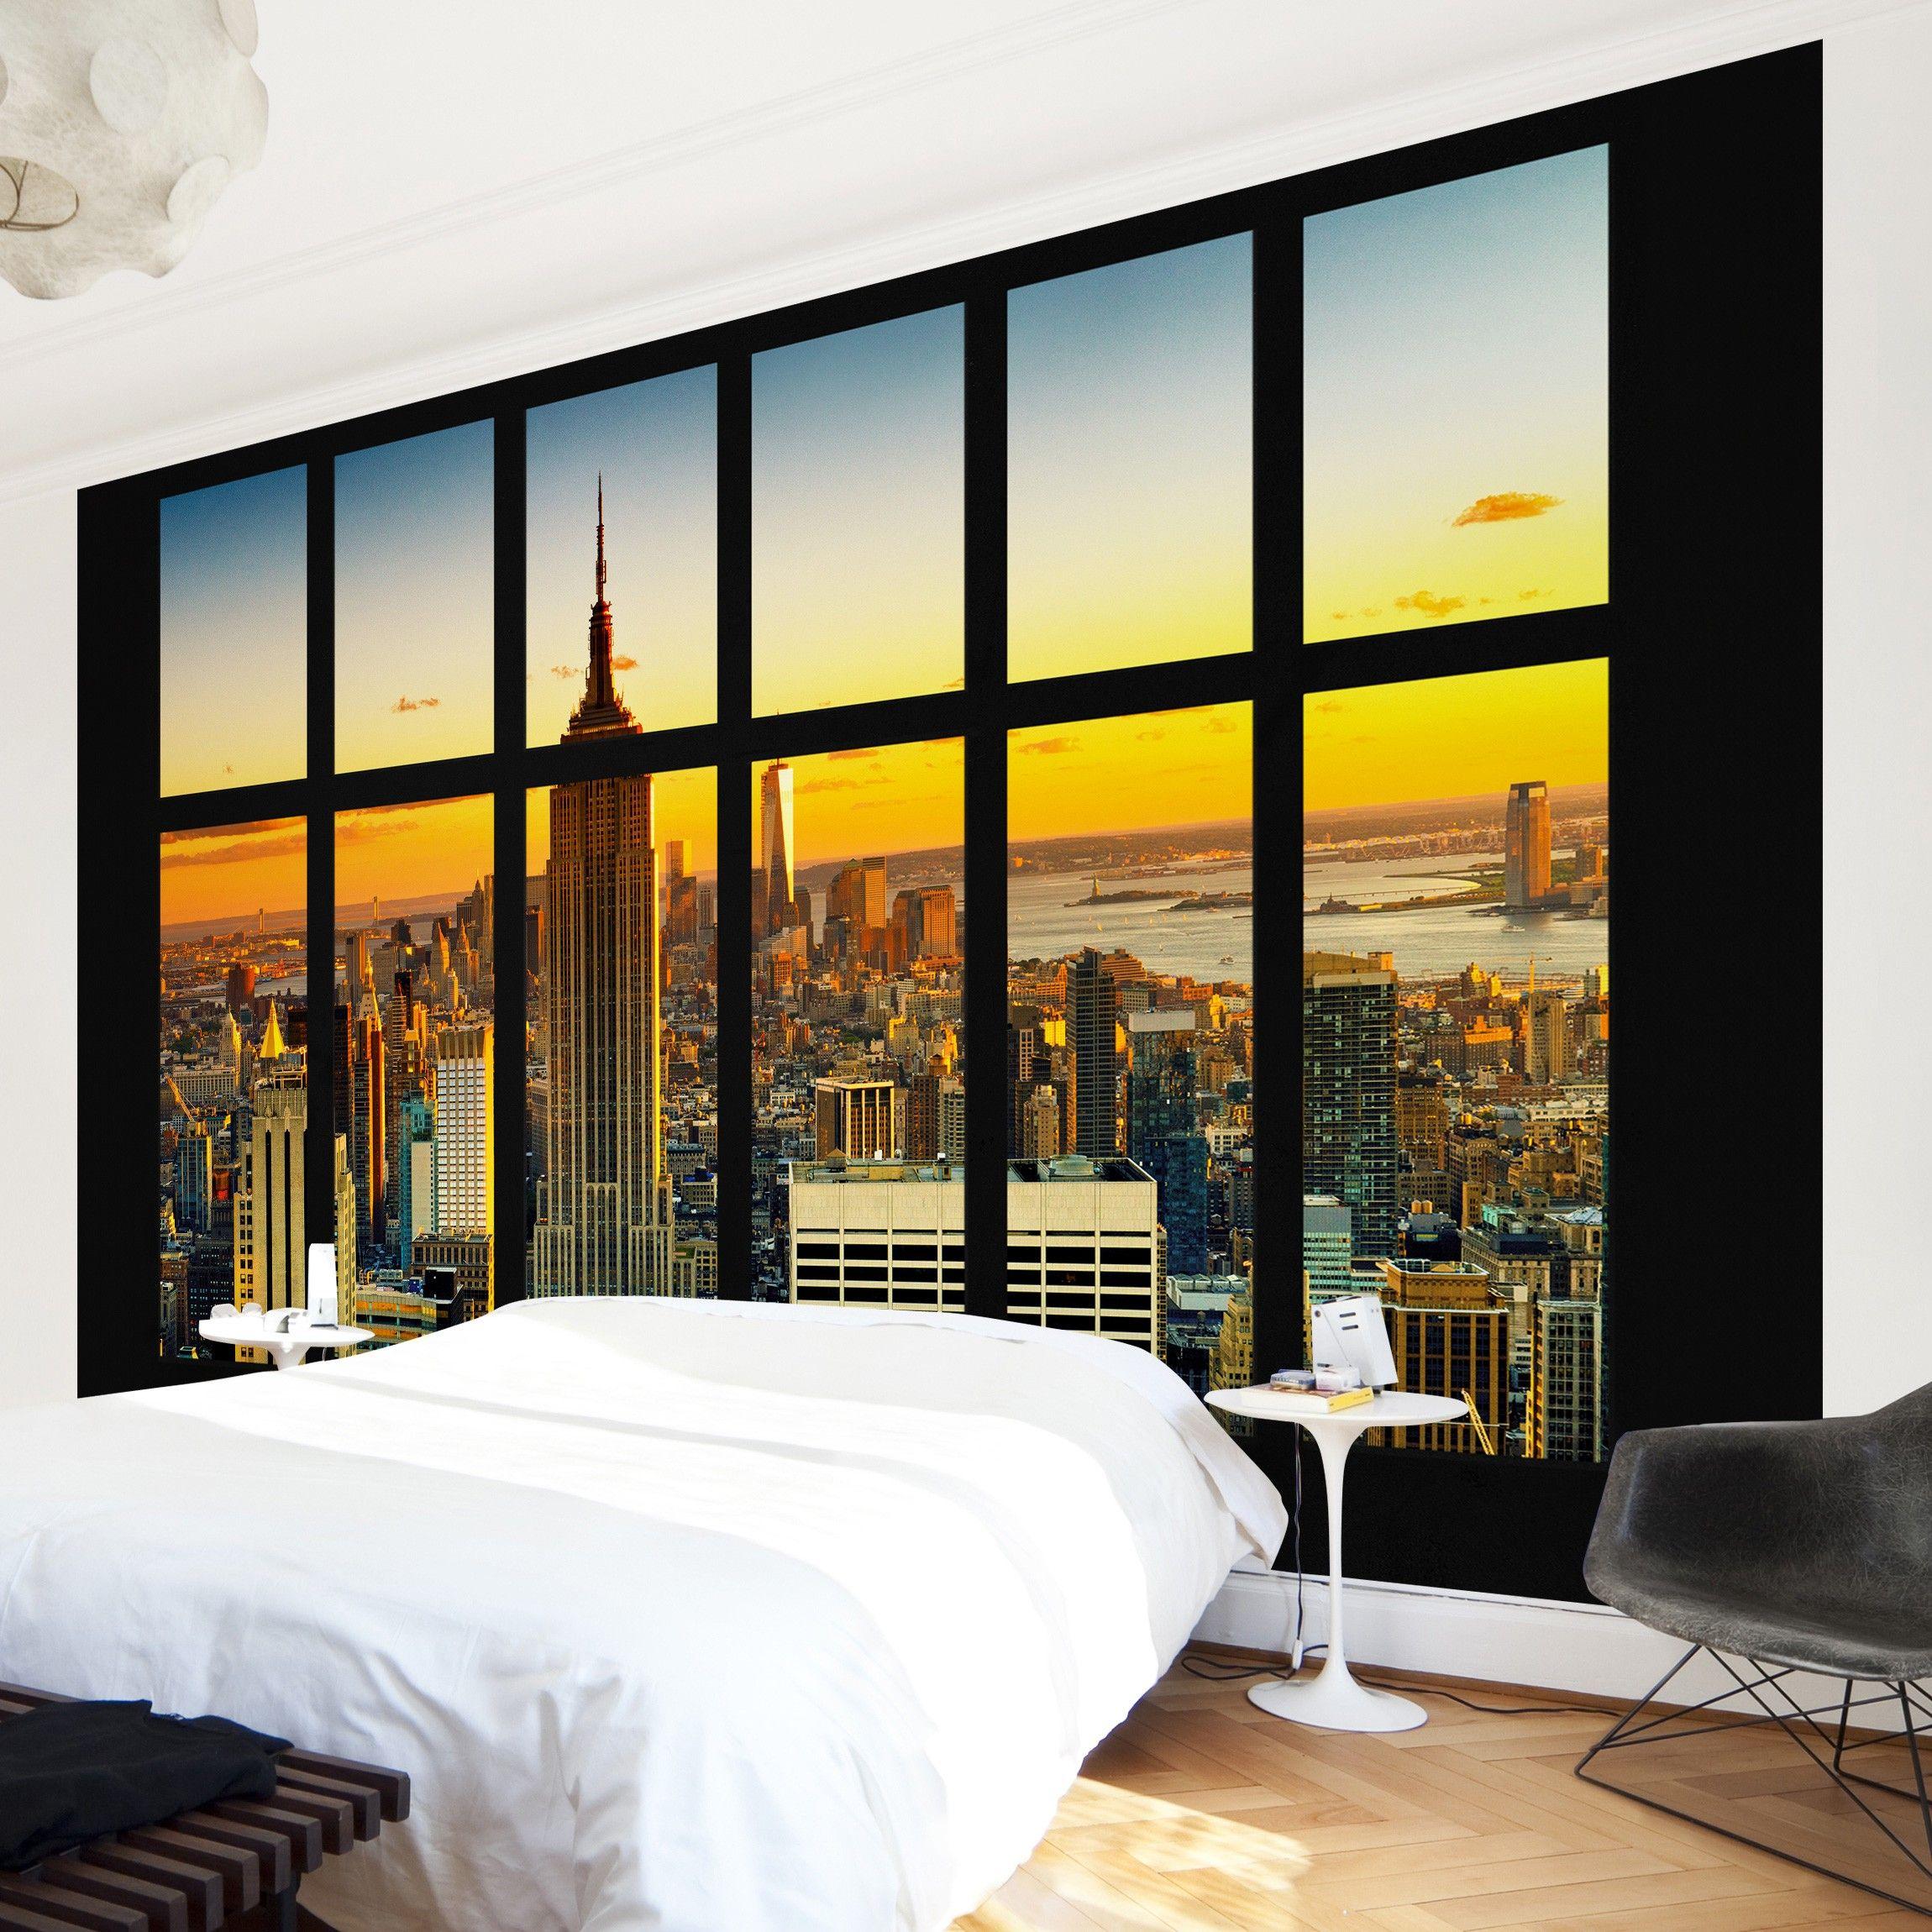 Vista Spettacolare Di New York Al Tramonto Dalla Finestra Della Camera Da Letto Carta Da Parati Finestra Tramonti